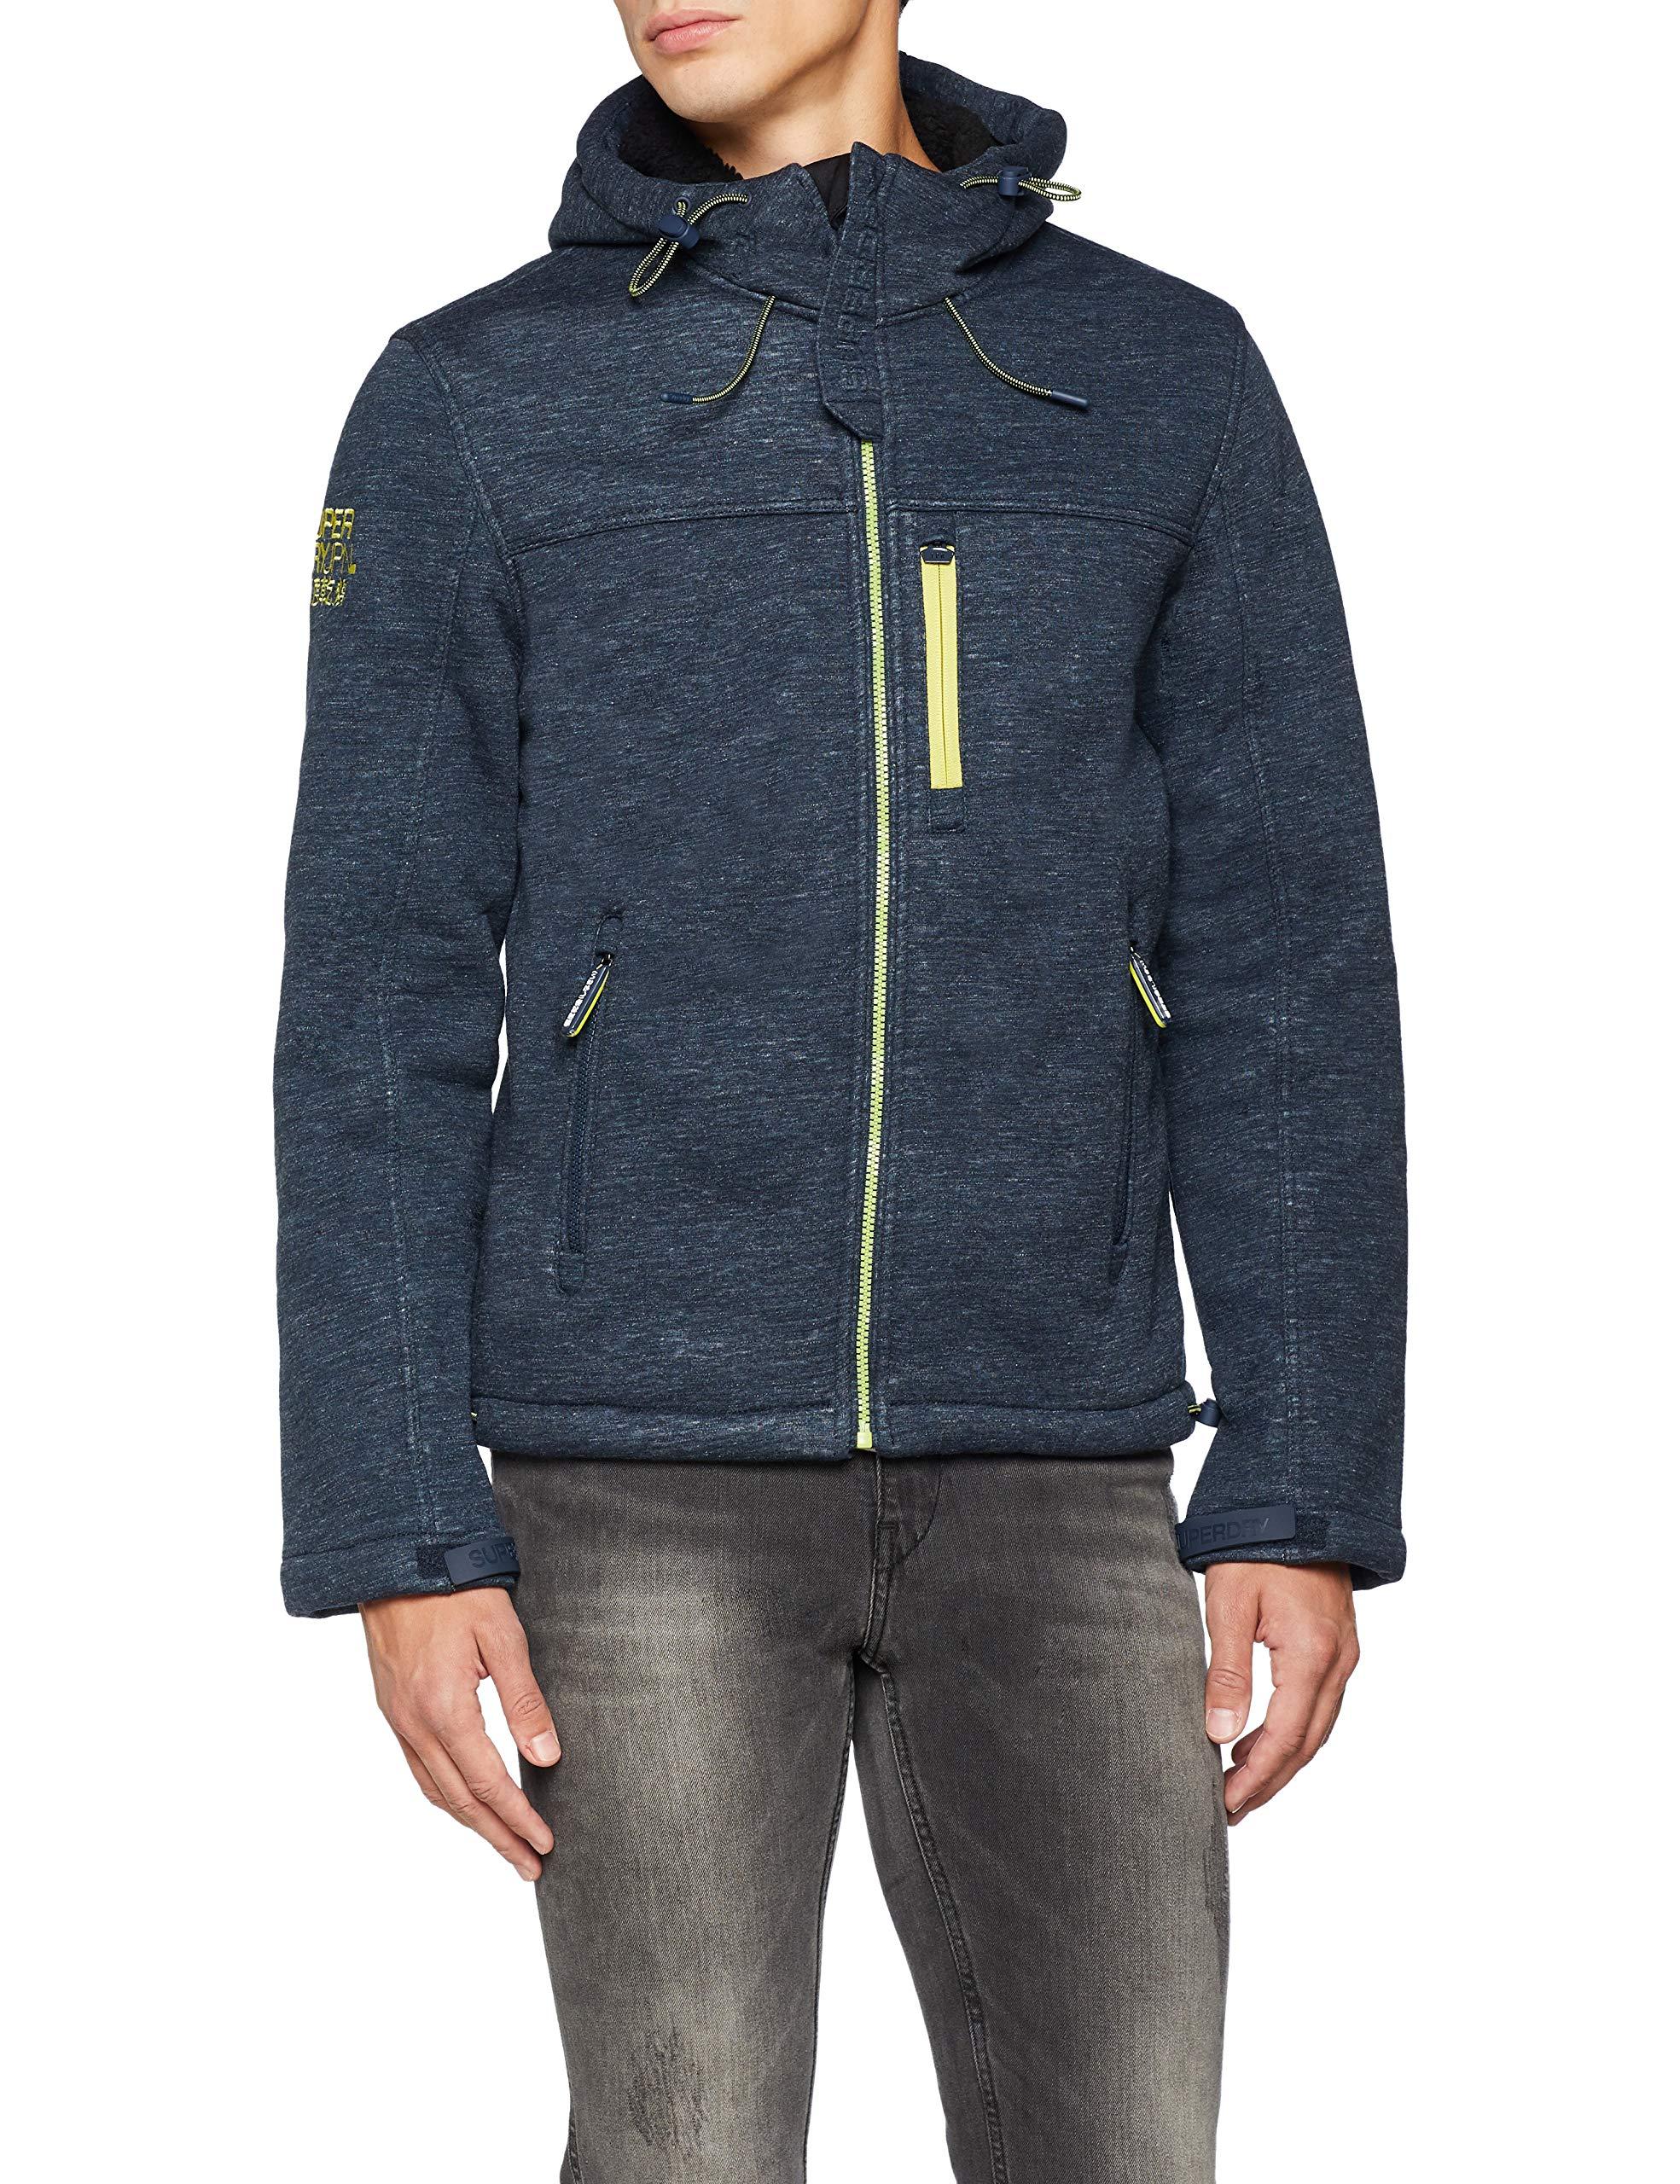 black Winter Windtrekker Homme De Superdry Veste Navy Marl Uo7Large SportBleudark Hooded 0POk8nw